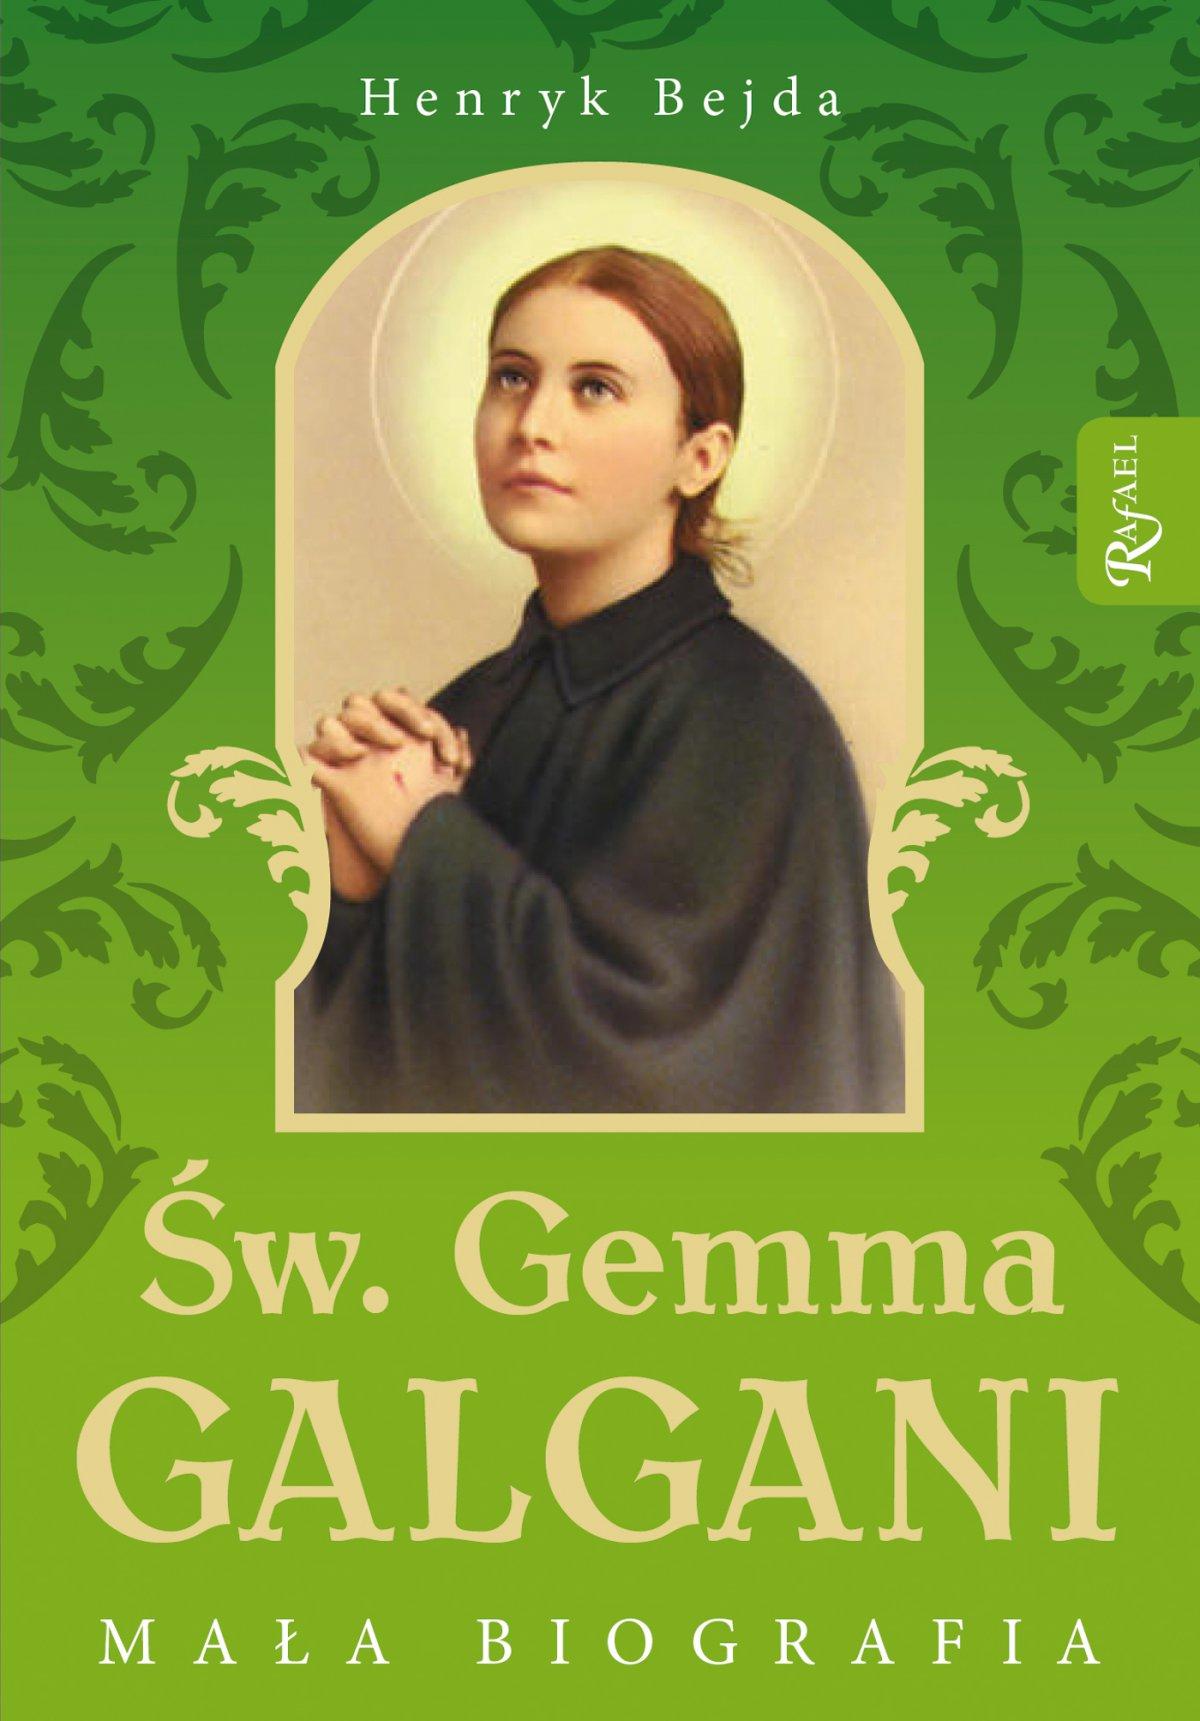 Św. Gemma Galgani - Ebook (Książka na Kindle) do pobrania w formacie MOBI